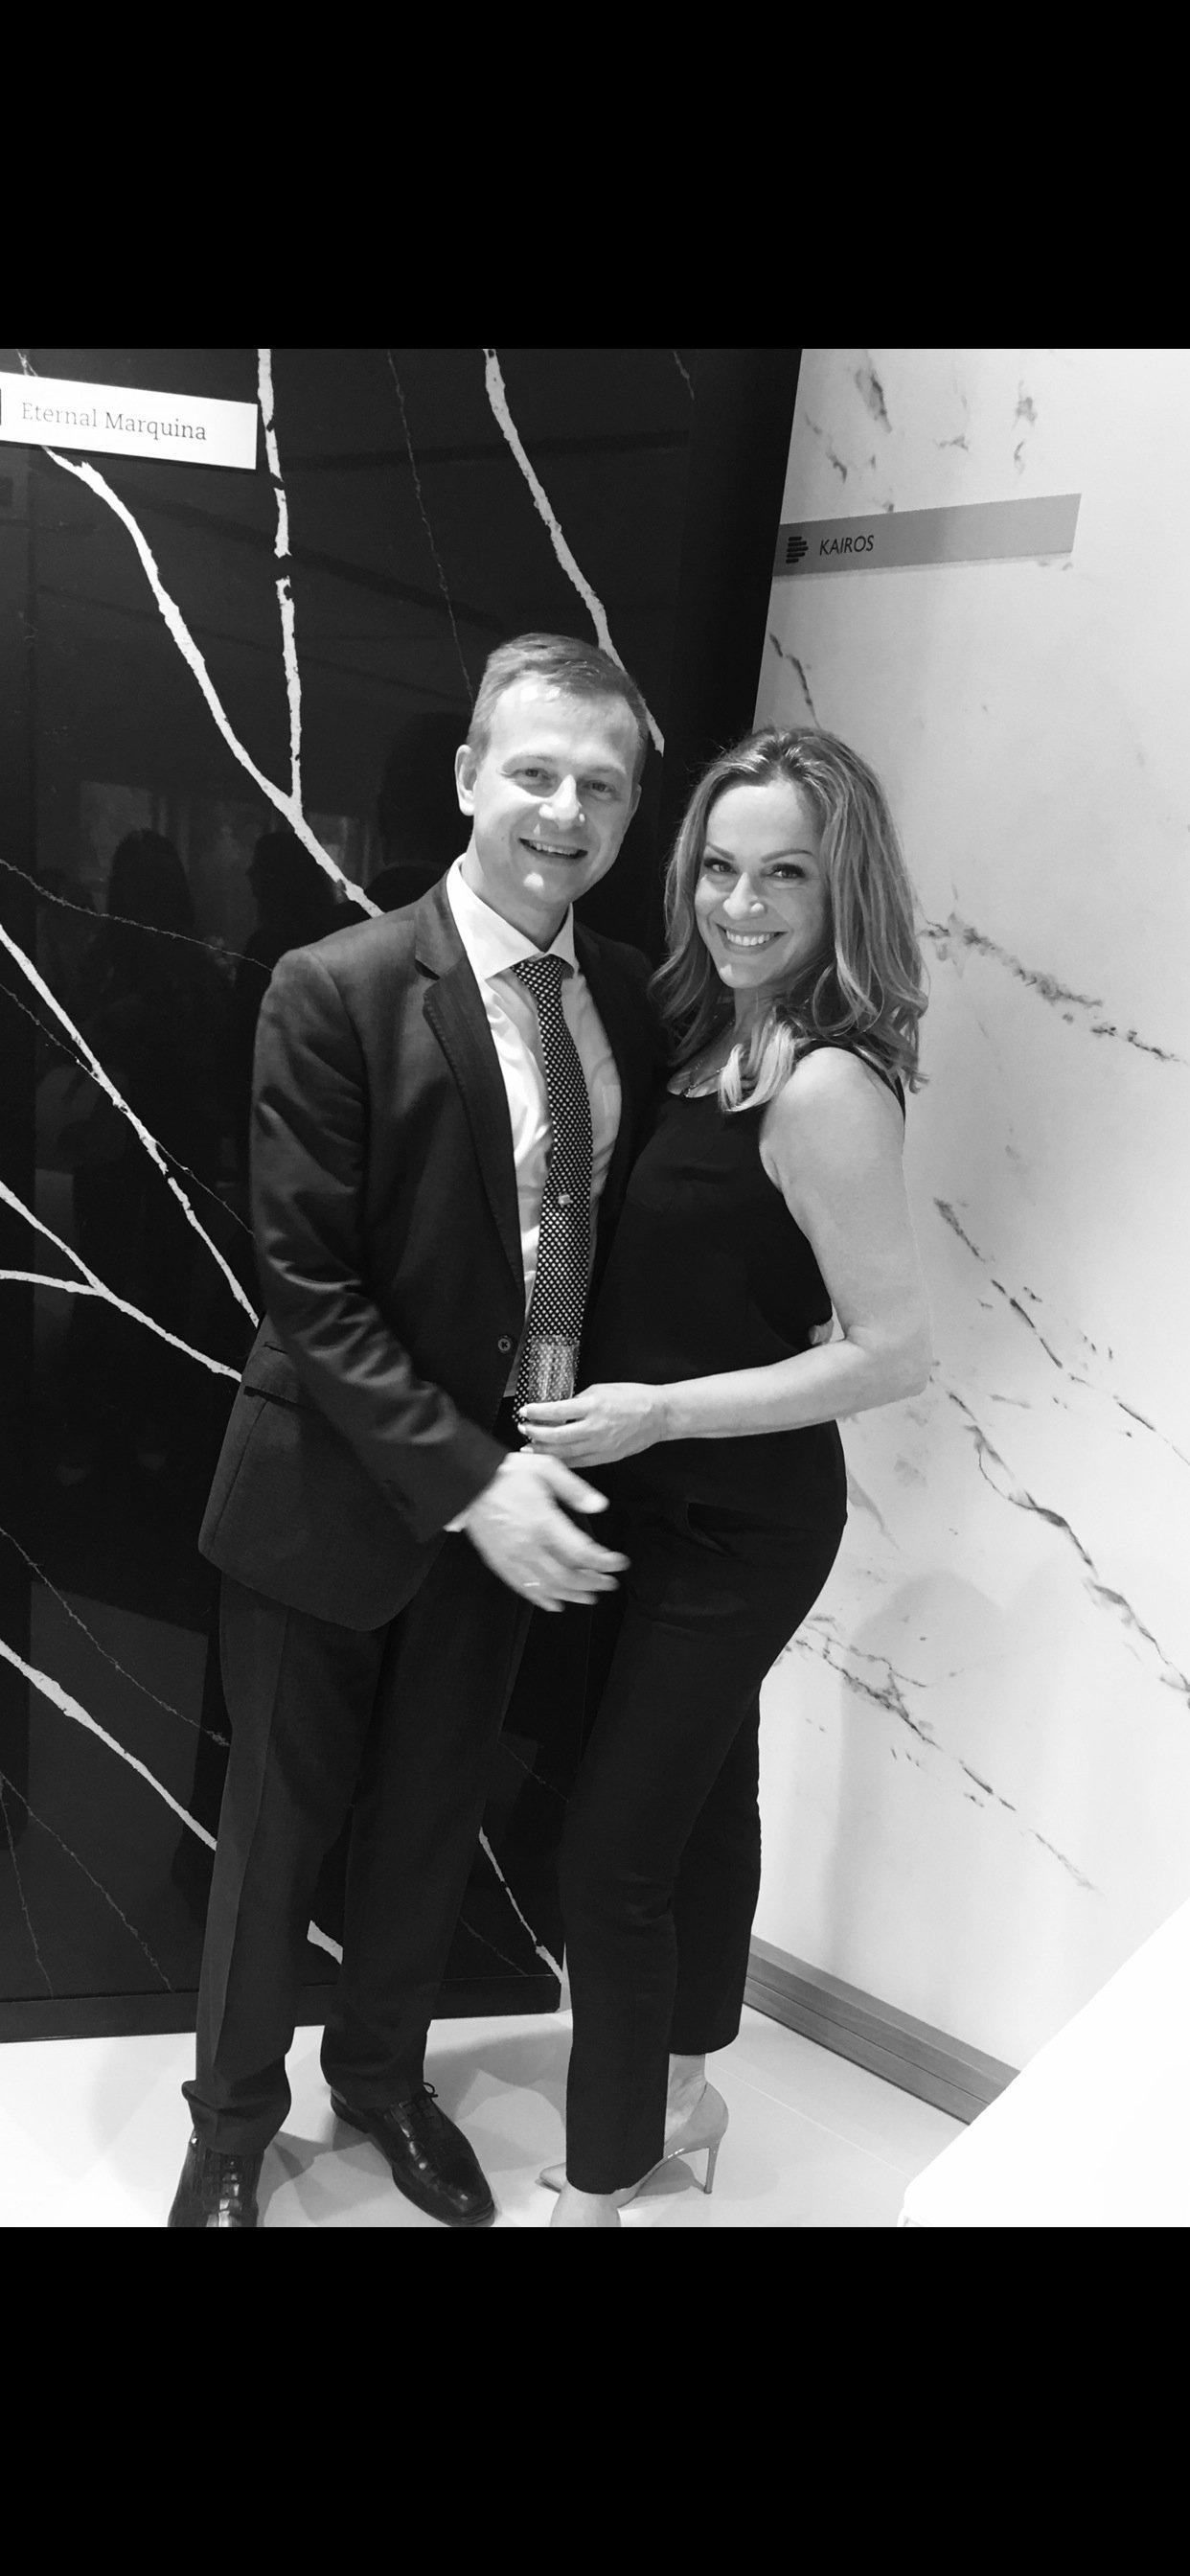 Misside abieluneedus jätkub! Järjekordne Miss Estonia on abielu lahutanud:  meie teed lahku läinud, aga oleme vanemad kahele pojale